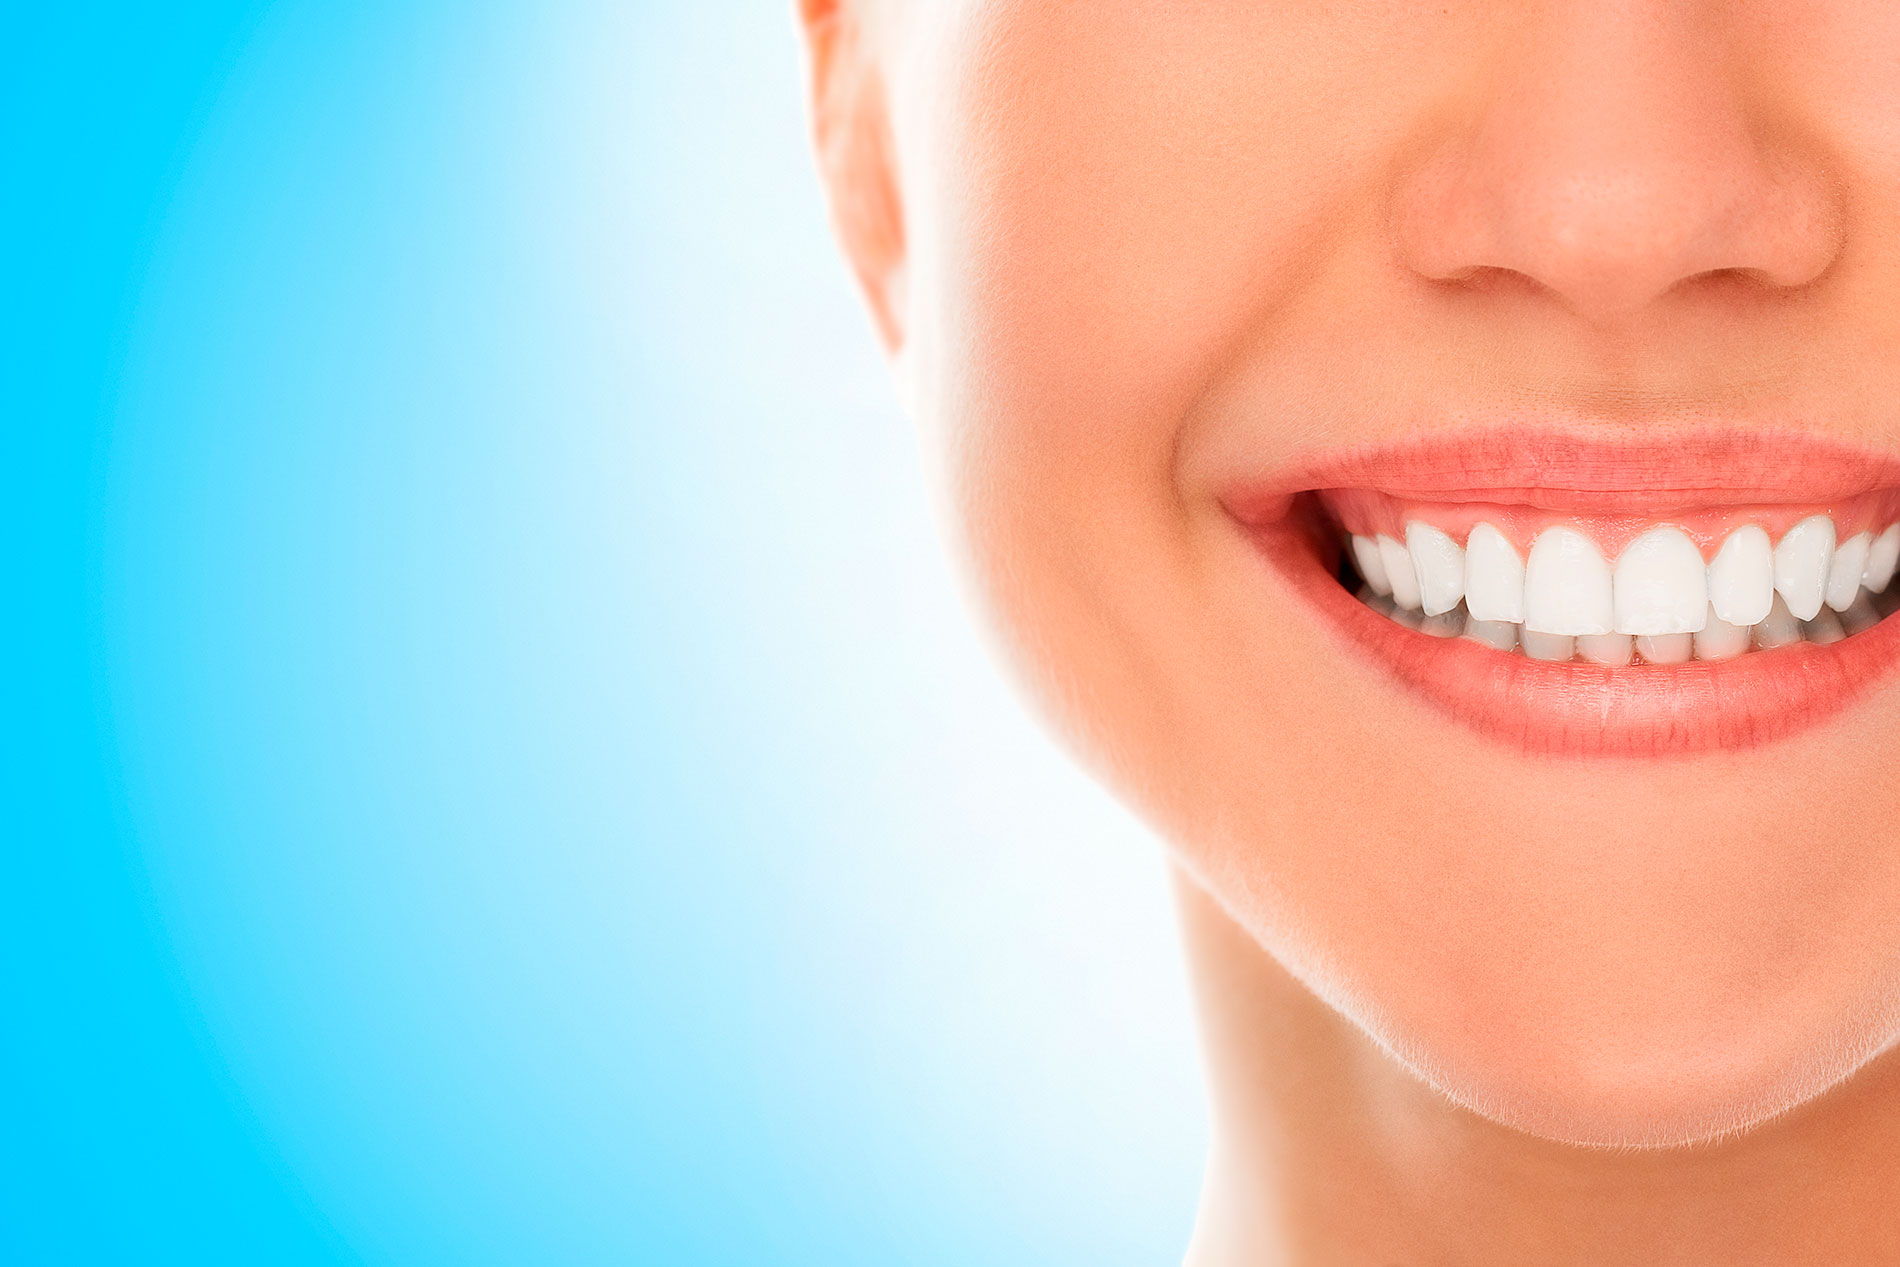 La salud dental puede influenciar en su patrón de sonrisa